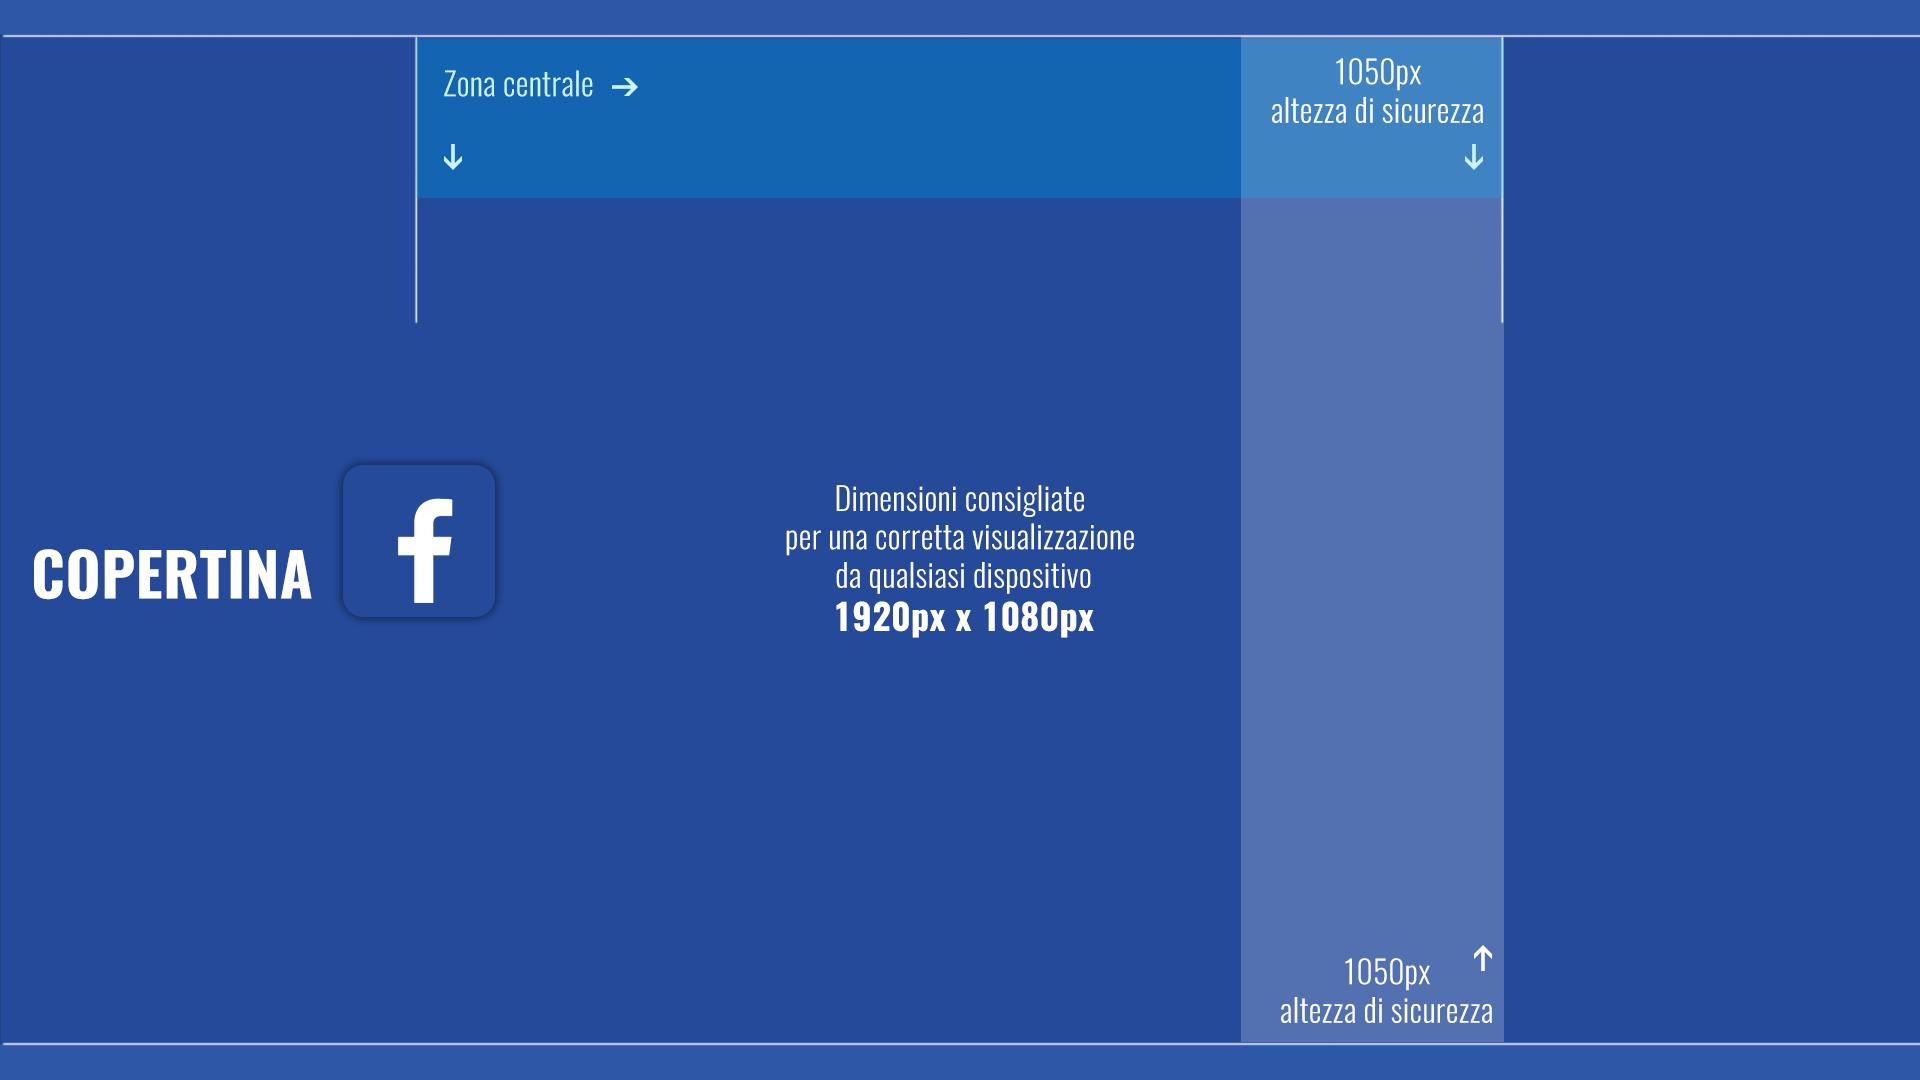 Quali dimensioni deve avere la copertina di una pagina Facebook? Scarica subito il modello con le dimensioni giuste e aggiornate!